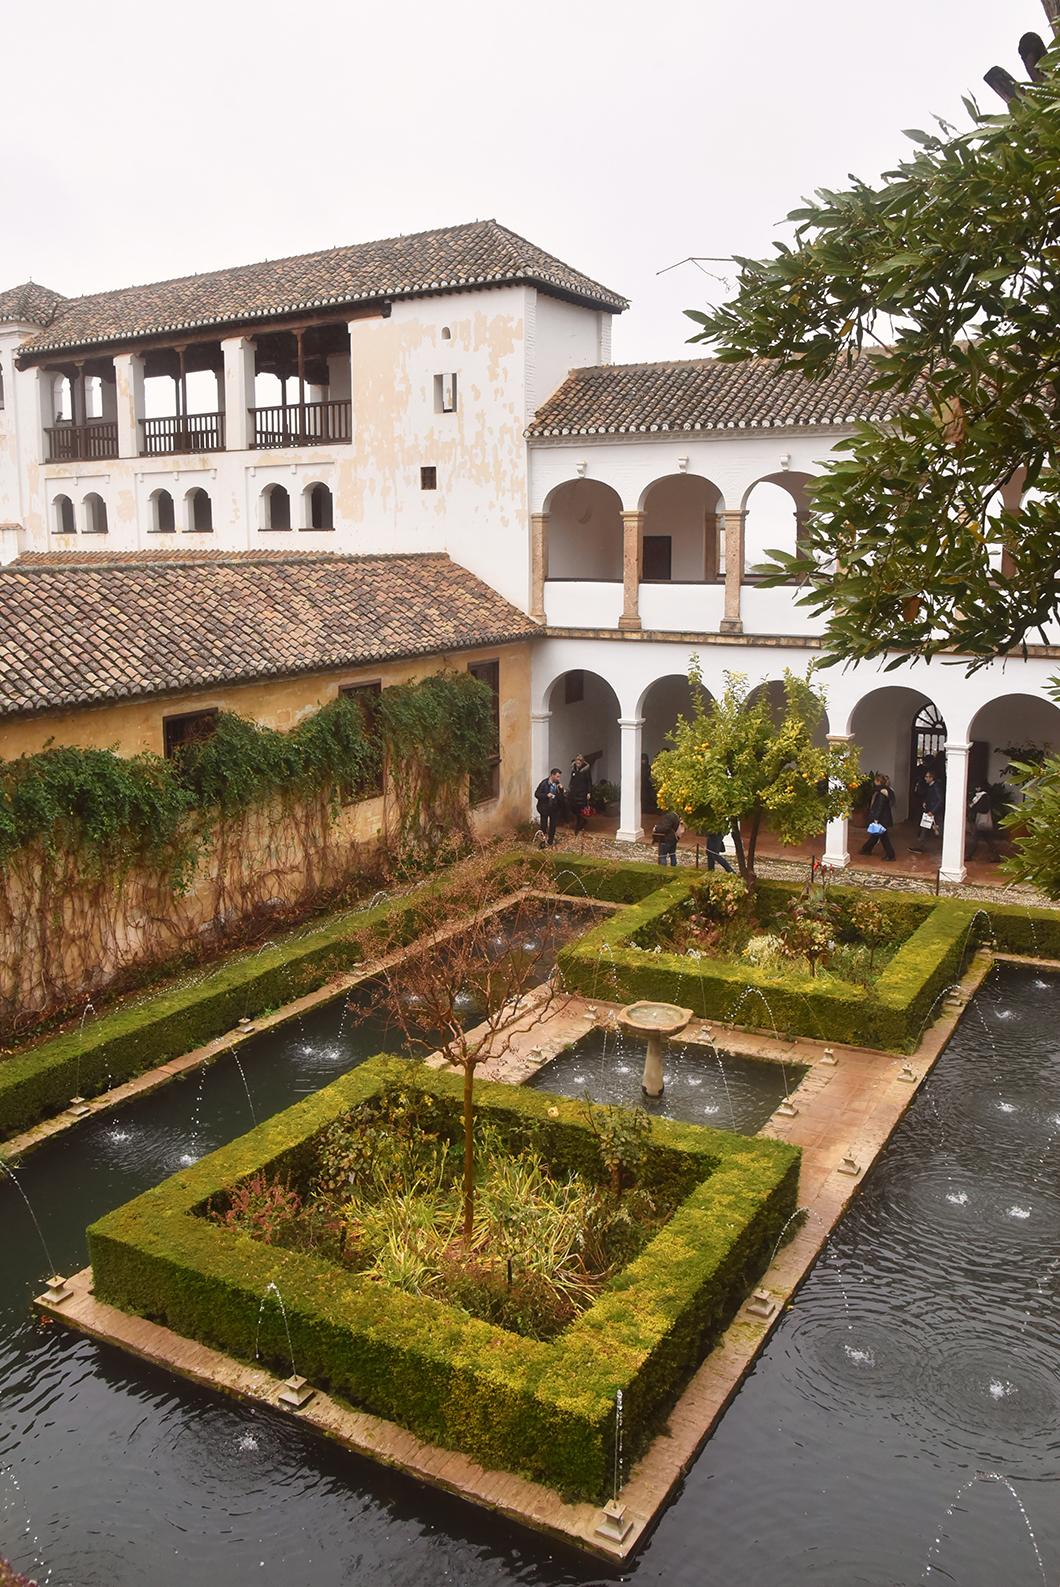 2 jours à Grenade - Visite de l'Alhambra